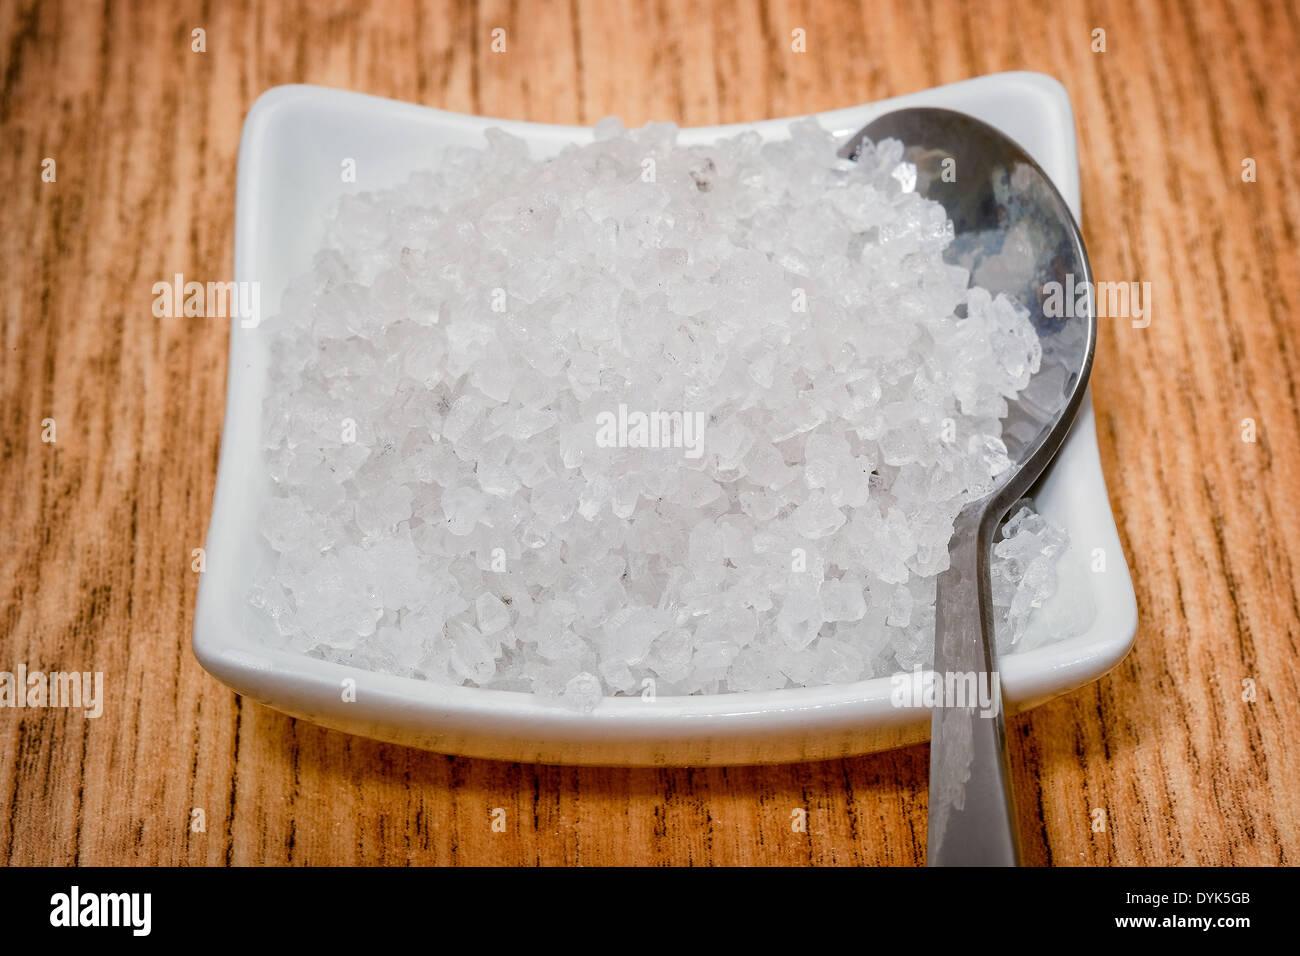 La sal del mar granular en un recipiente blanco Imagen De Stock